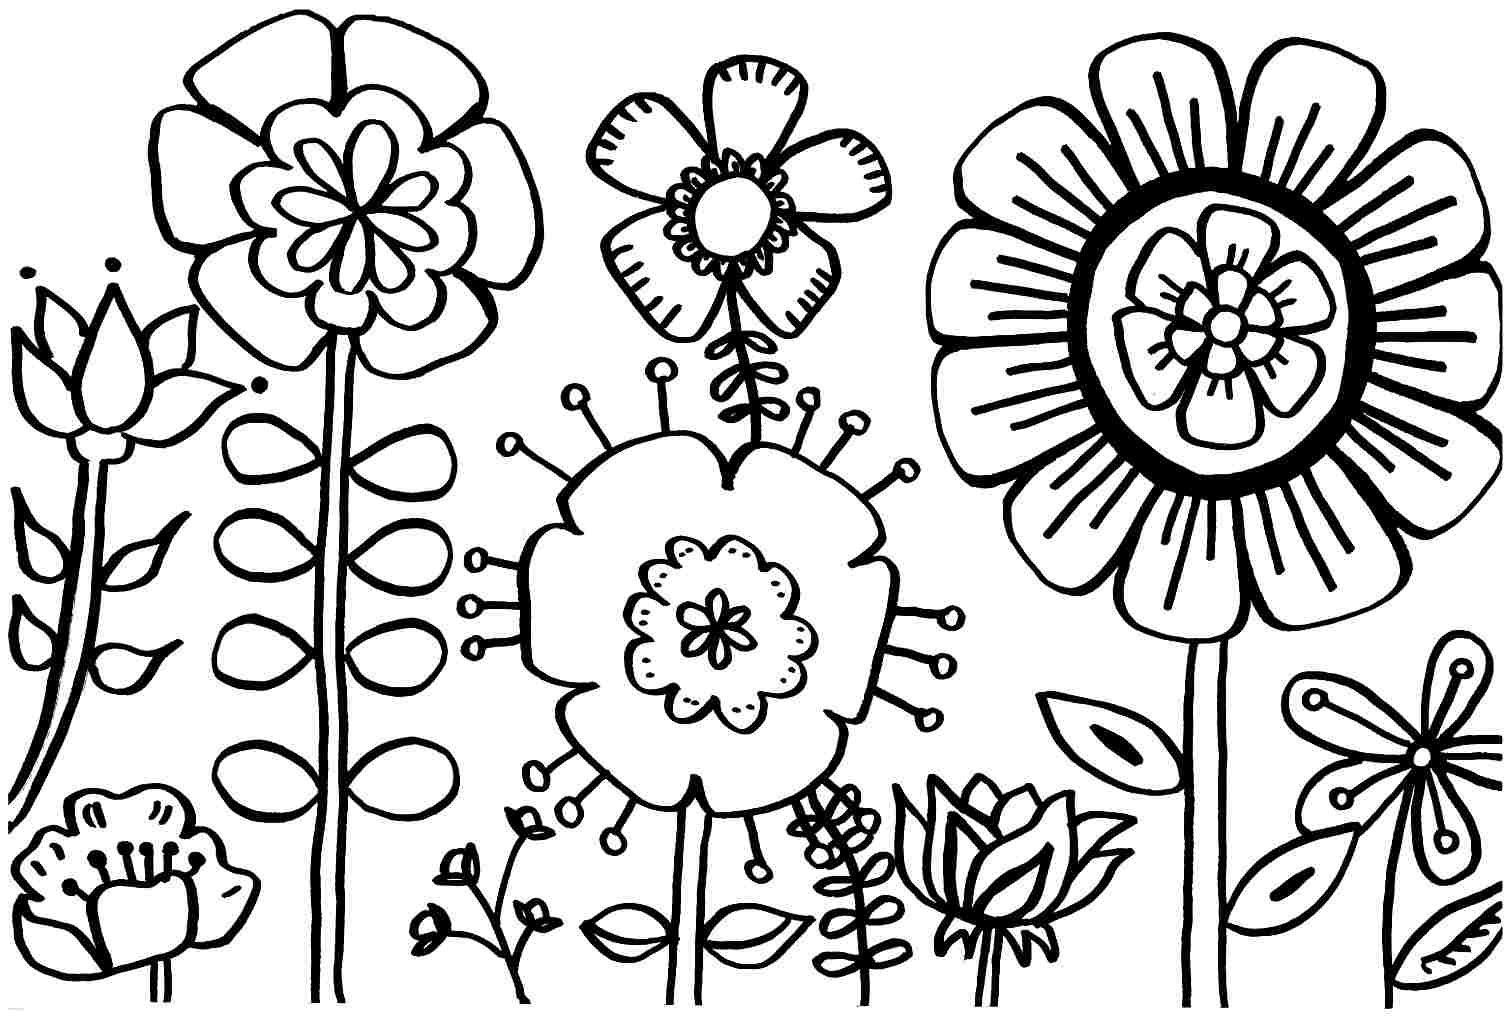 Spring Coloring Pages Free Coloring Pages Free Printable Spring - Free Printable Spring Pictures To Color